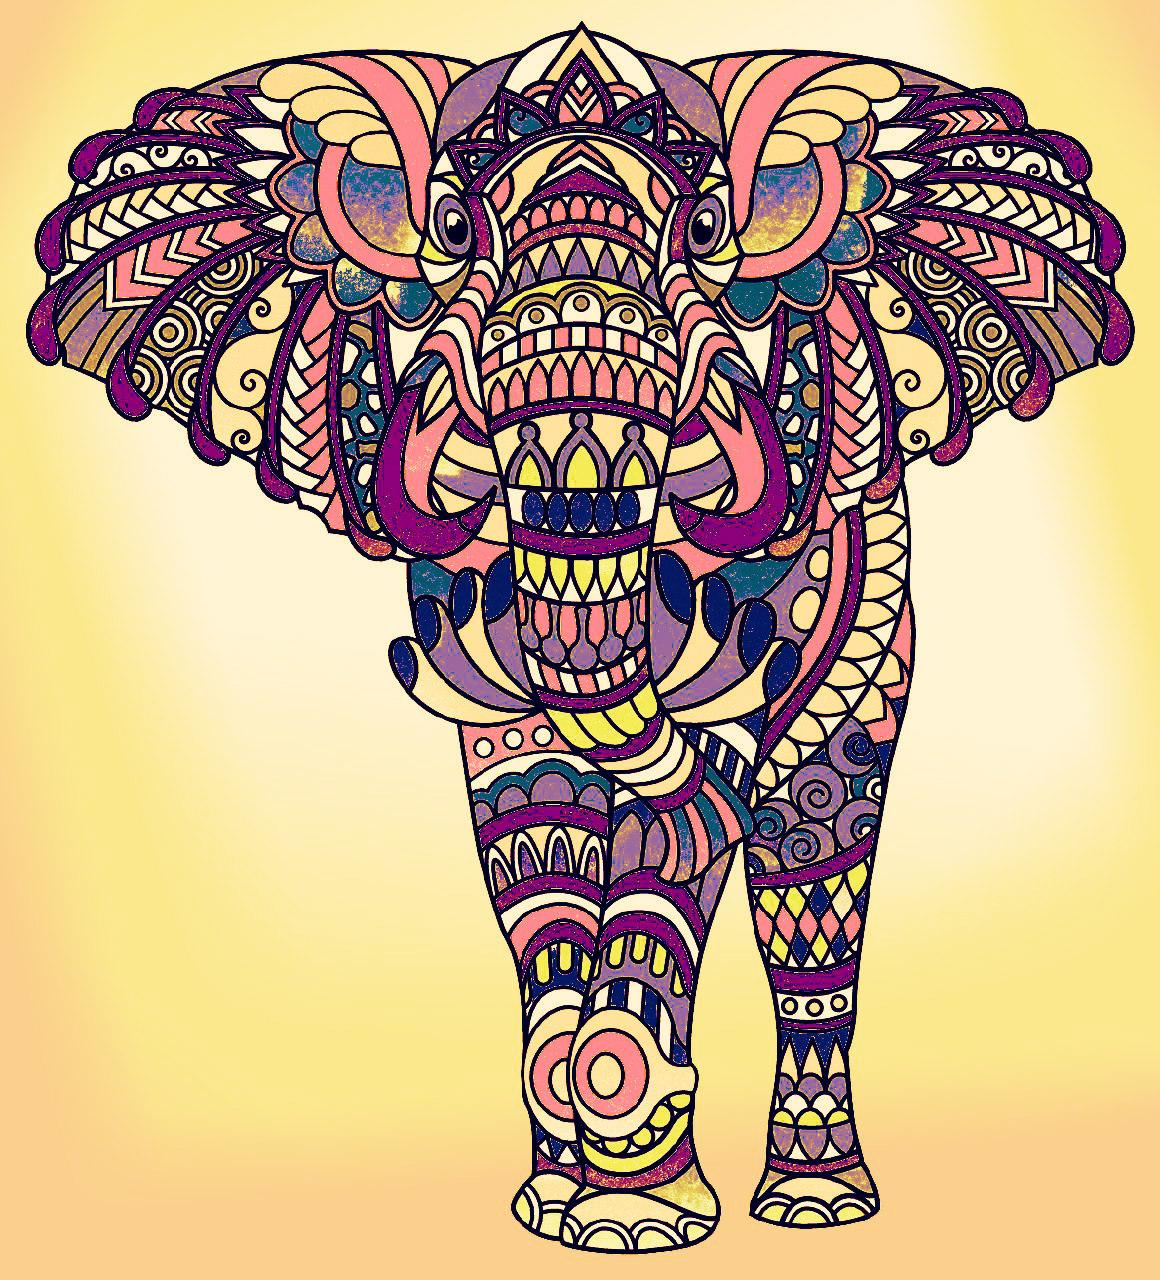 [COMPETIZIONE] Evento Preistoria: Esito Colora il Mammut! Nzgkth10